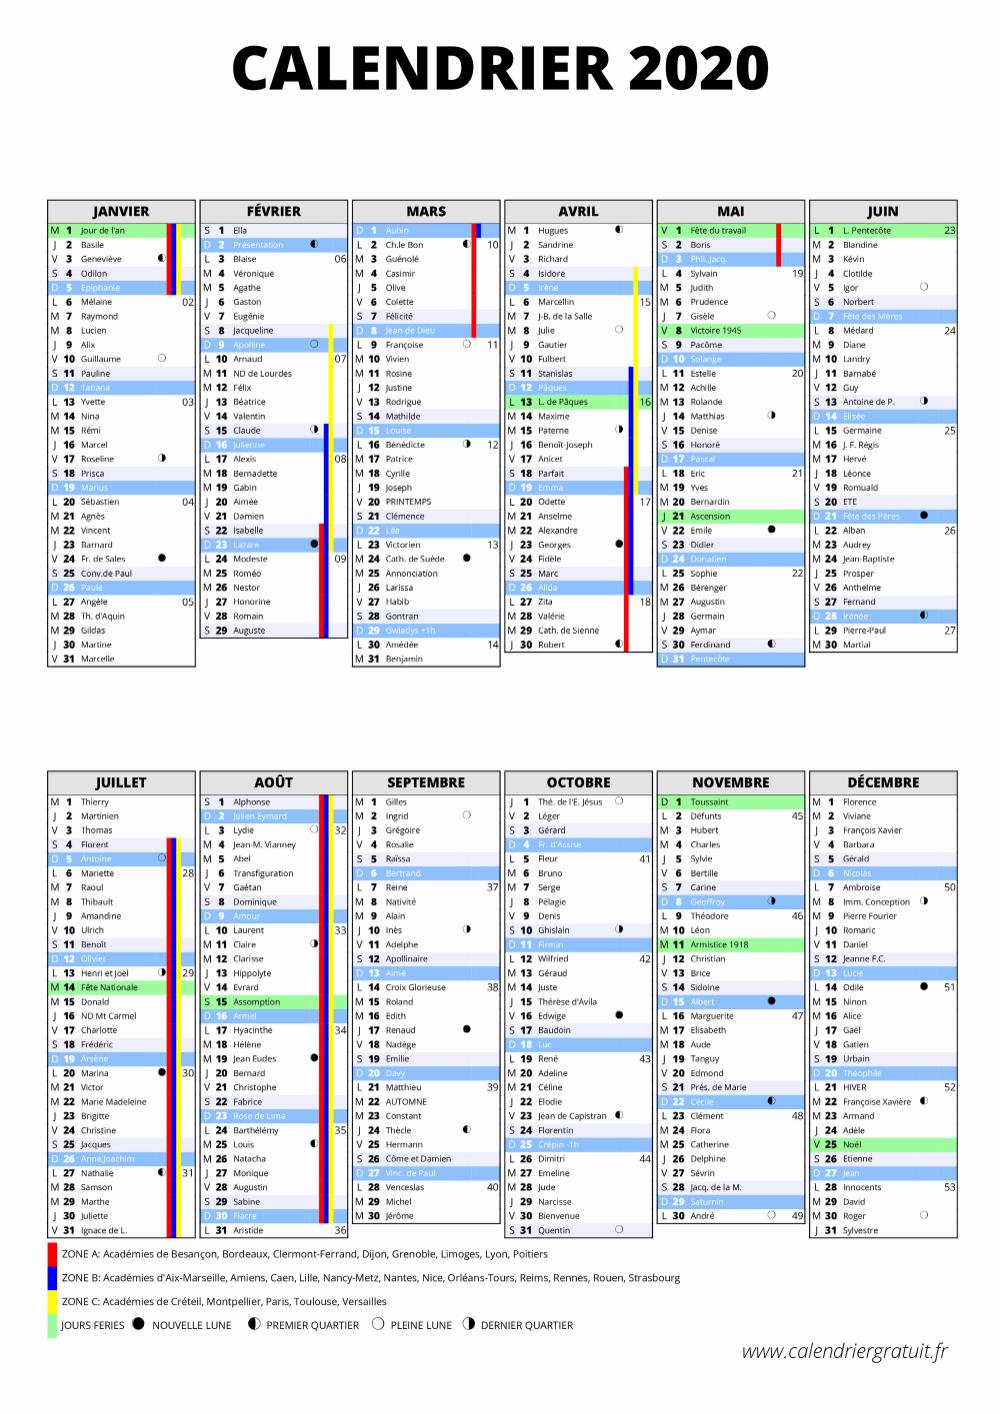 Calendrier Scolaire 2019 Et 2021 à Imprimer Zone A Calendrier Scolaire 2019 2020 Zone A Calendrier 2020 | Calendrier